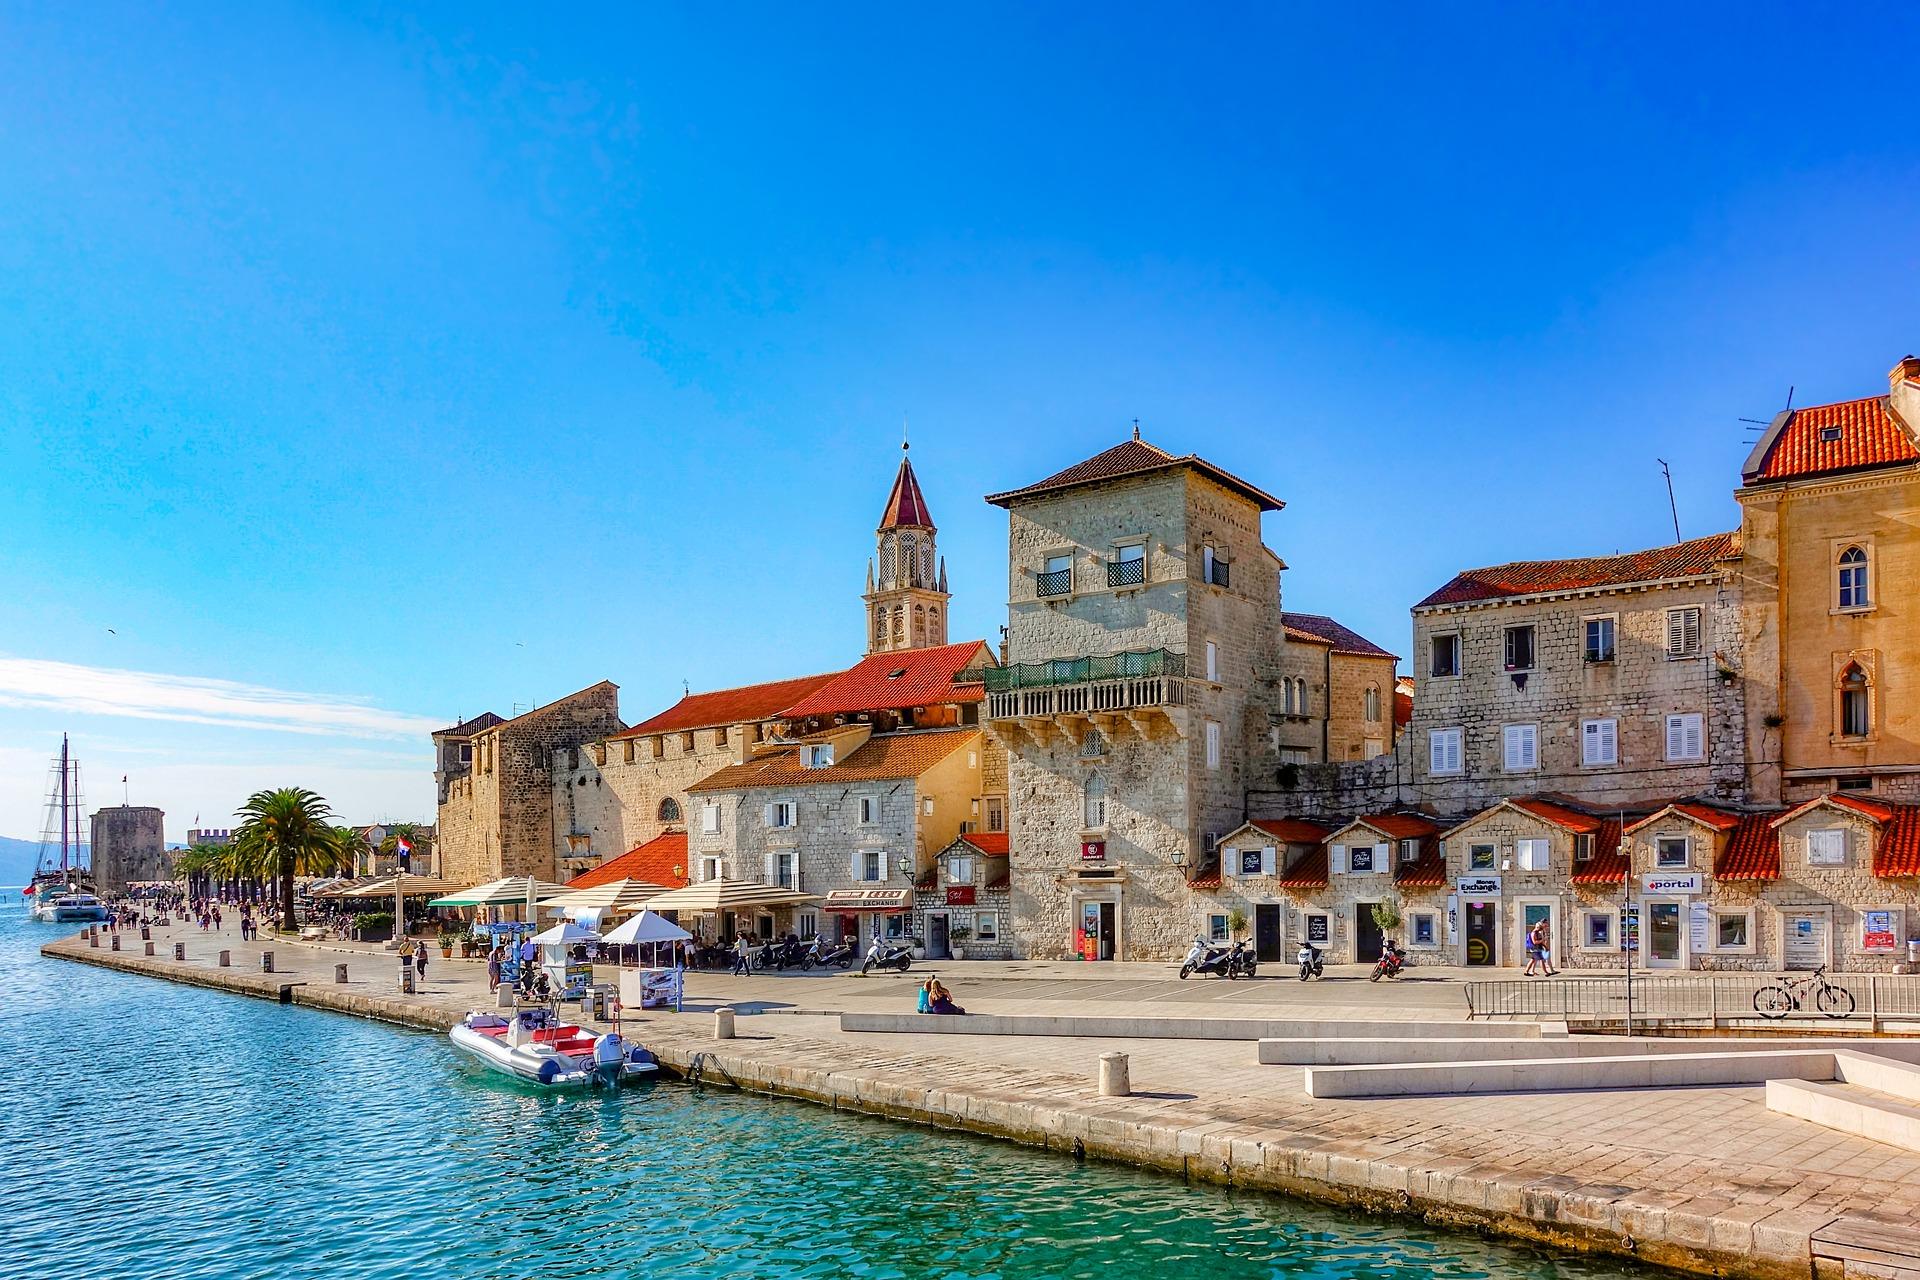 Trogir Altstadt